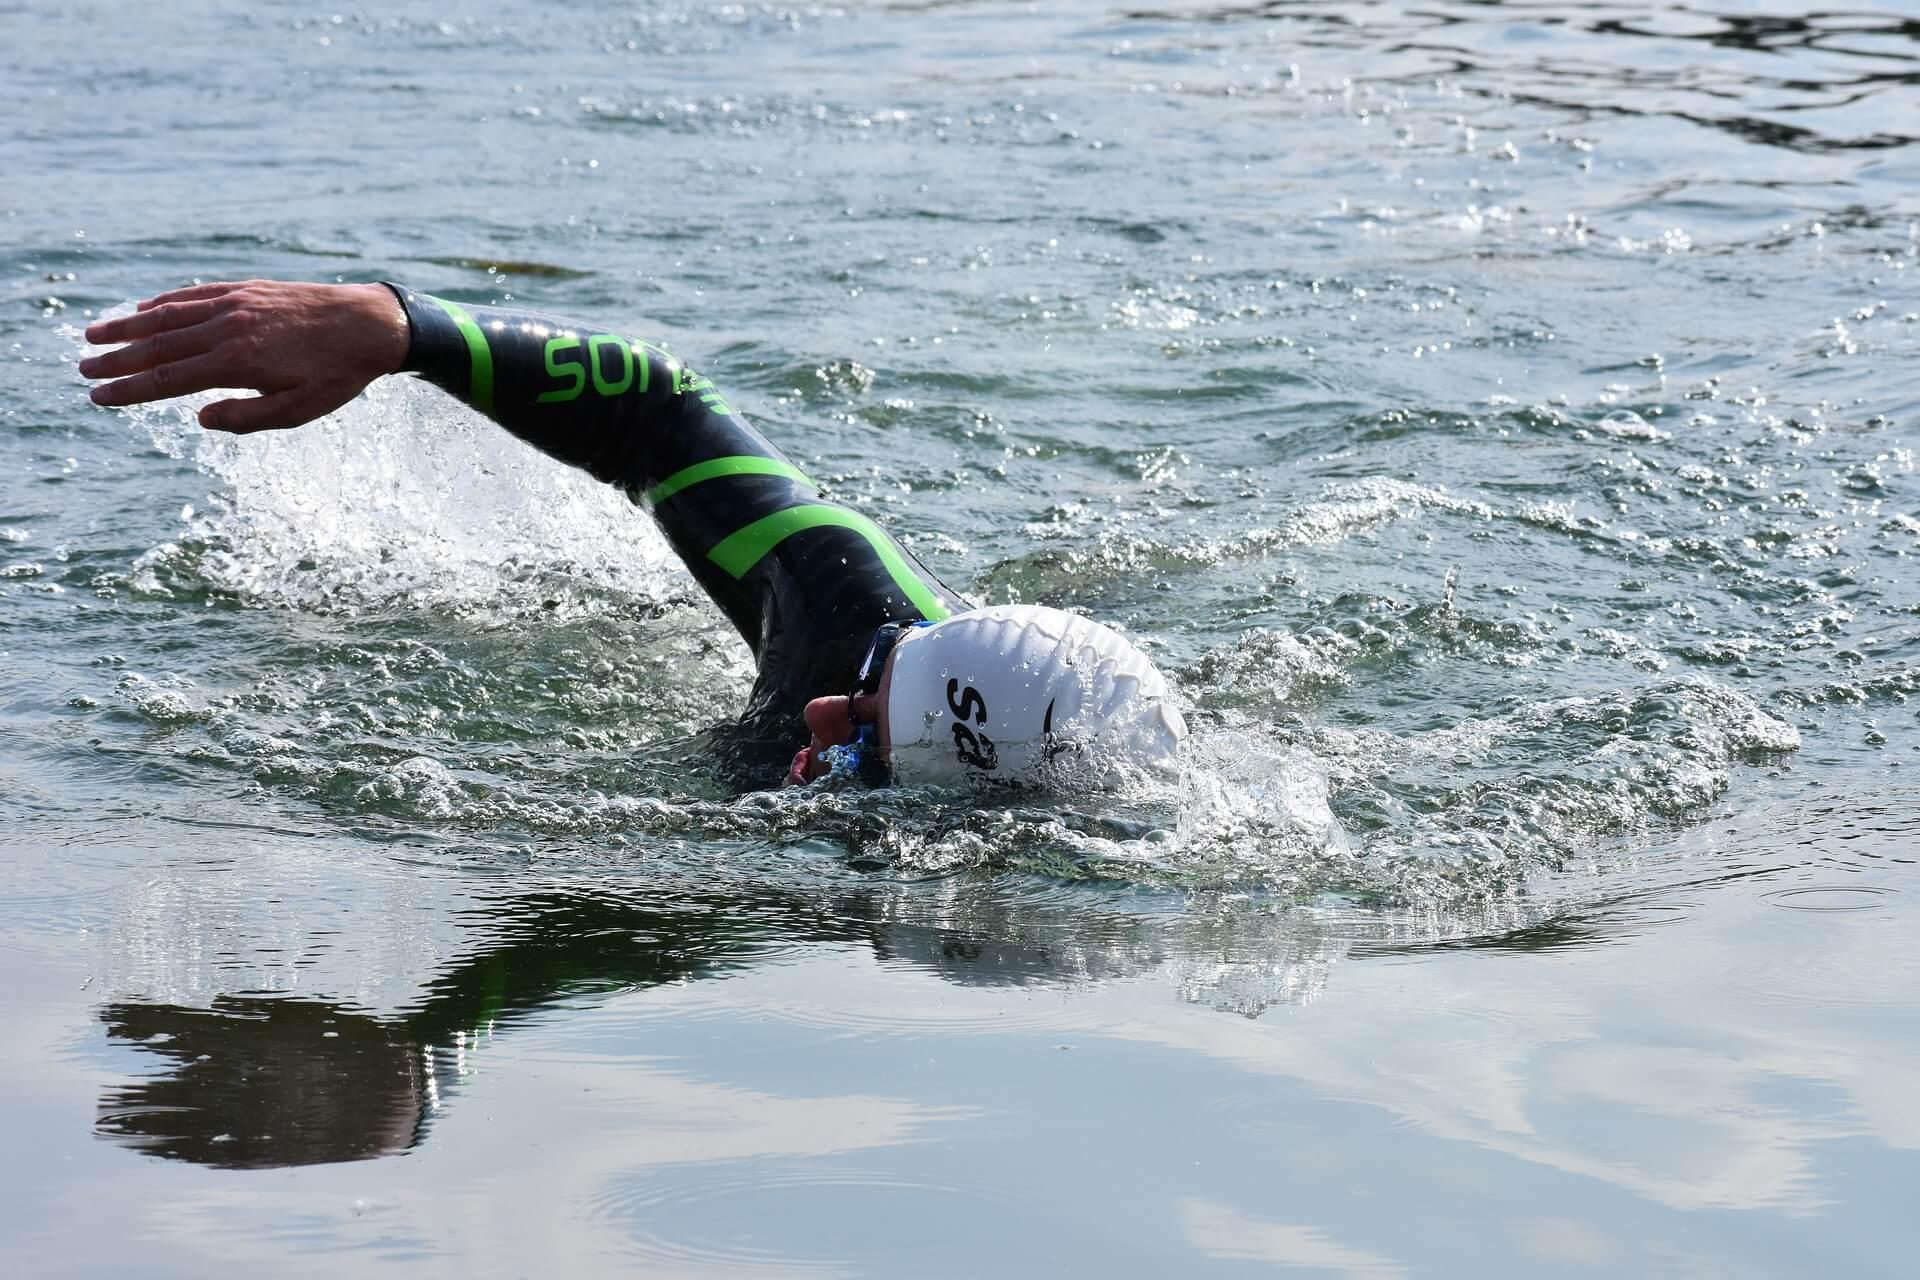 triathlon swimming technique